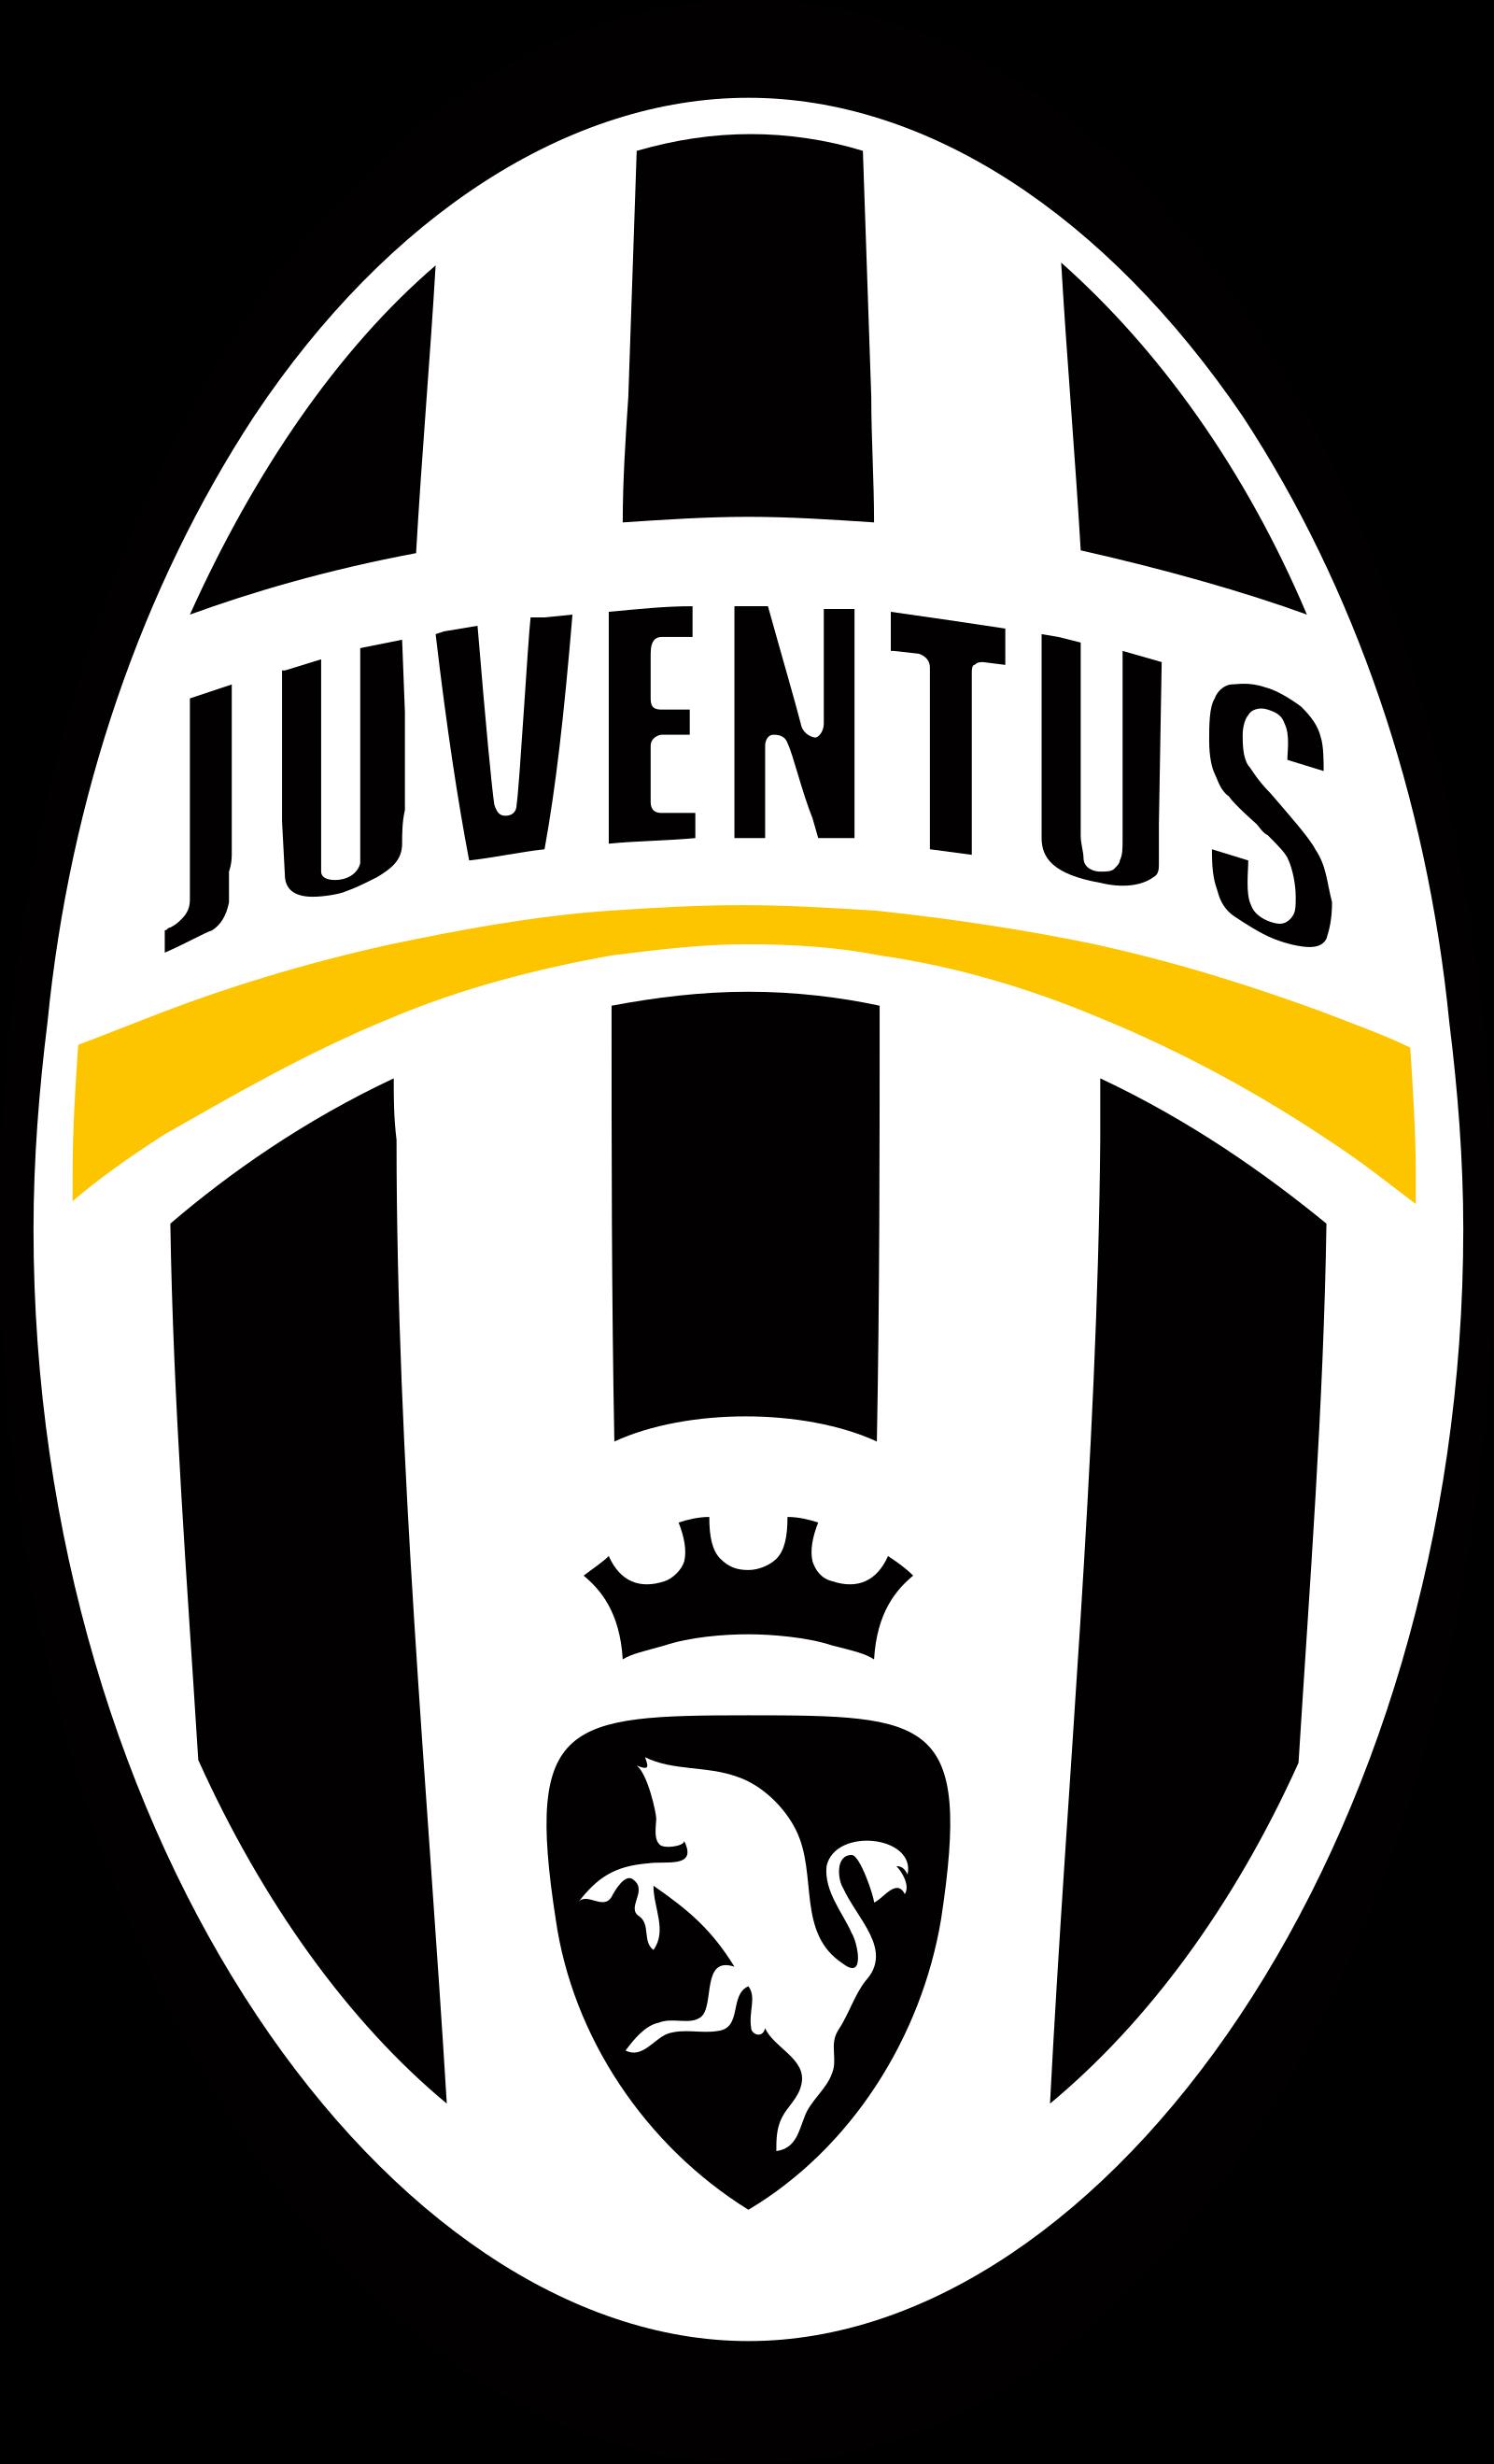 juventus-turim-logo-escudo-2